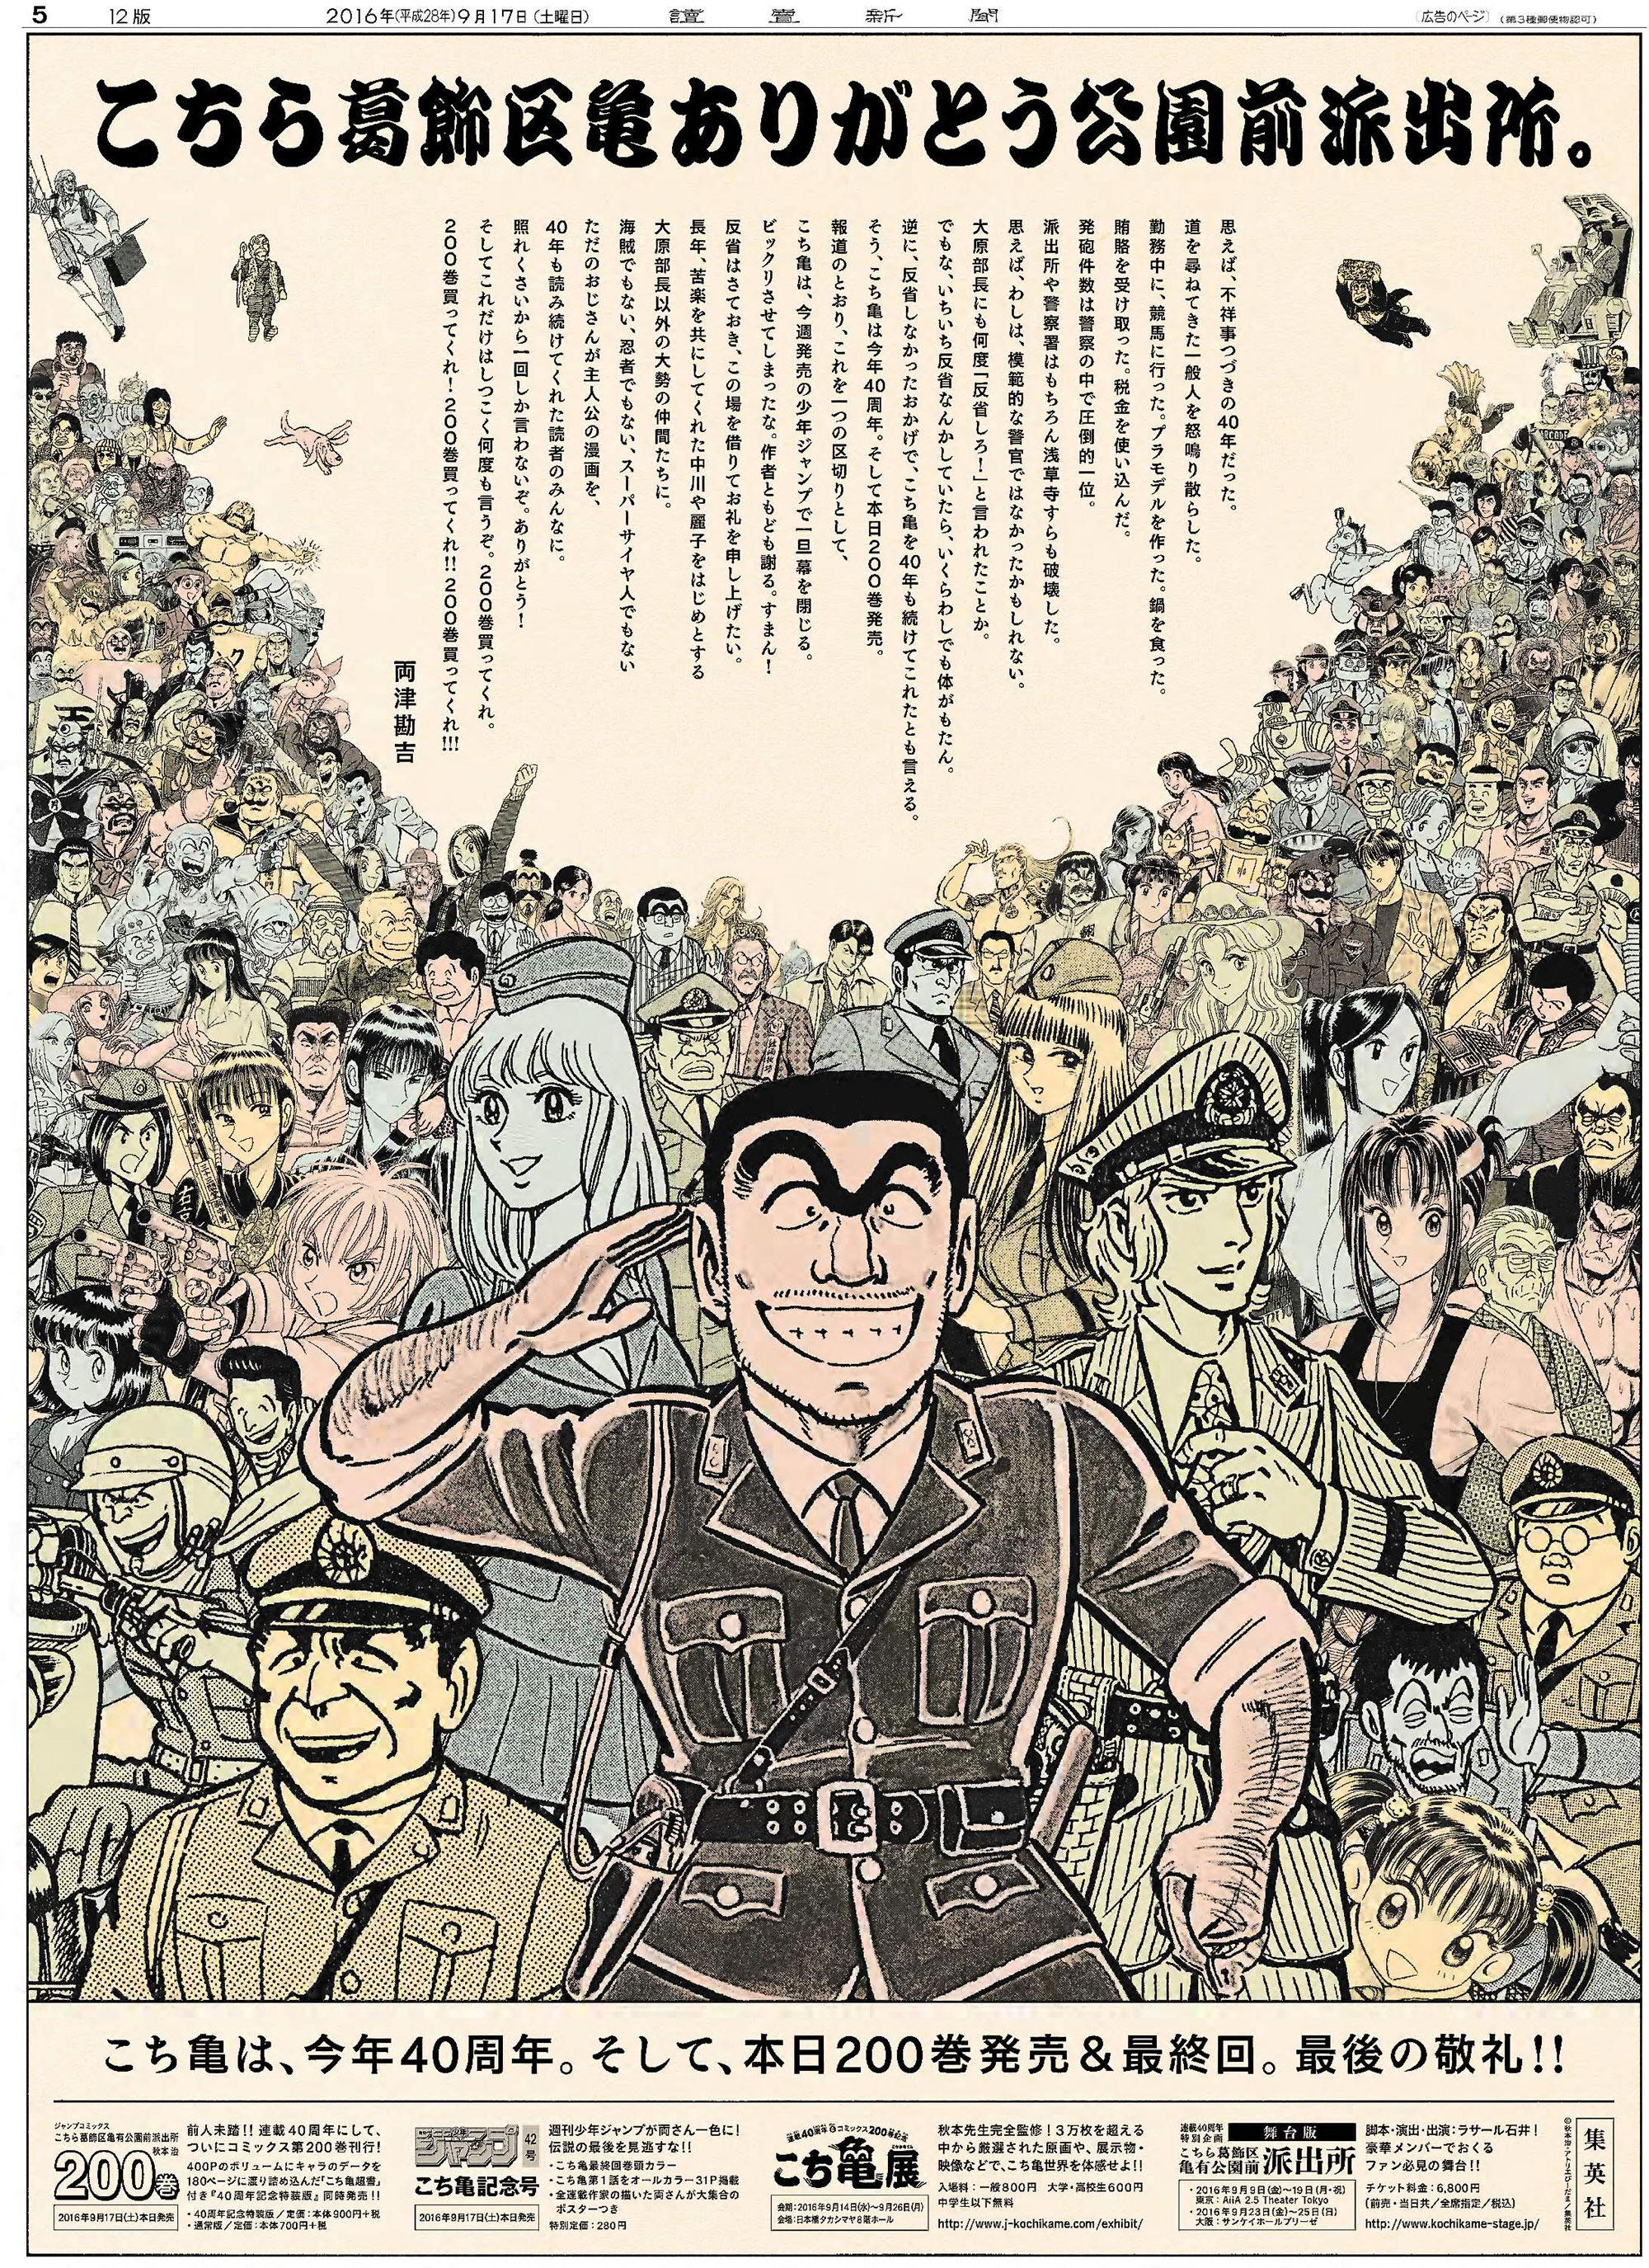 集英社|新聞広告データアーカイブ